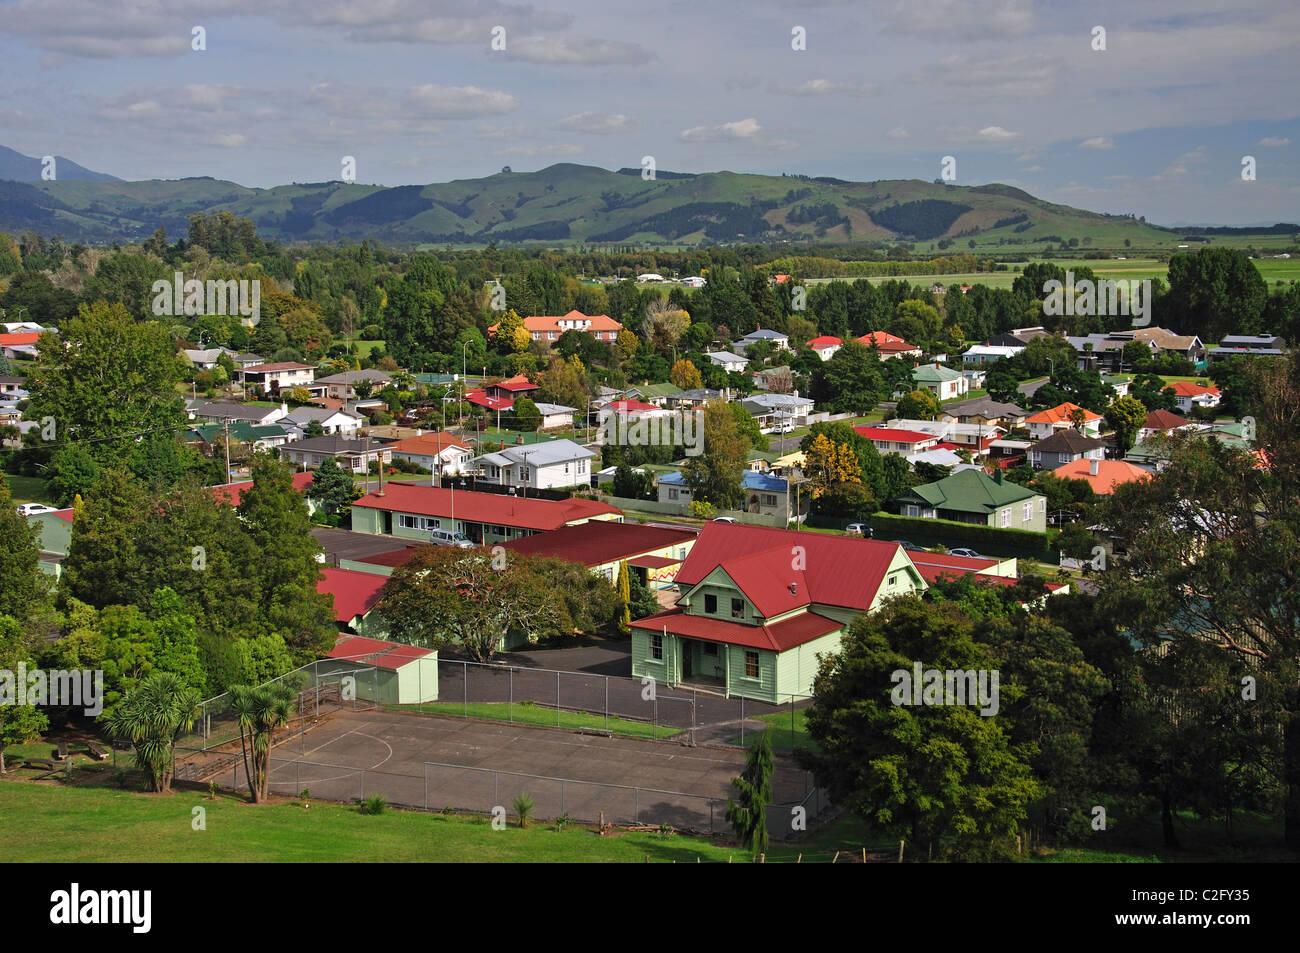 La ville de Primrose Hill, Paeroa, de la région de Waikato, Nouvelle-Zélande, île du Nord Photo Stock